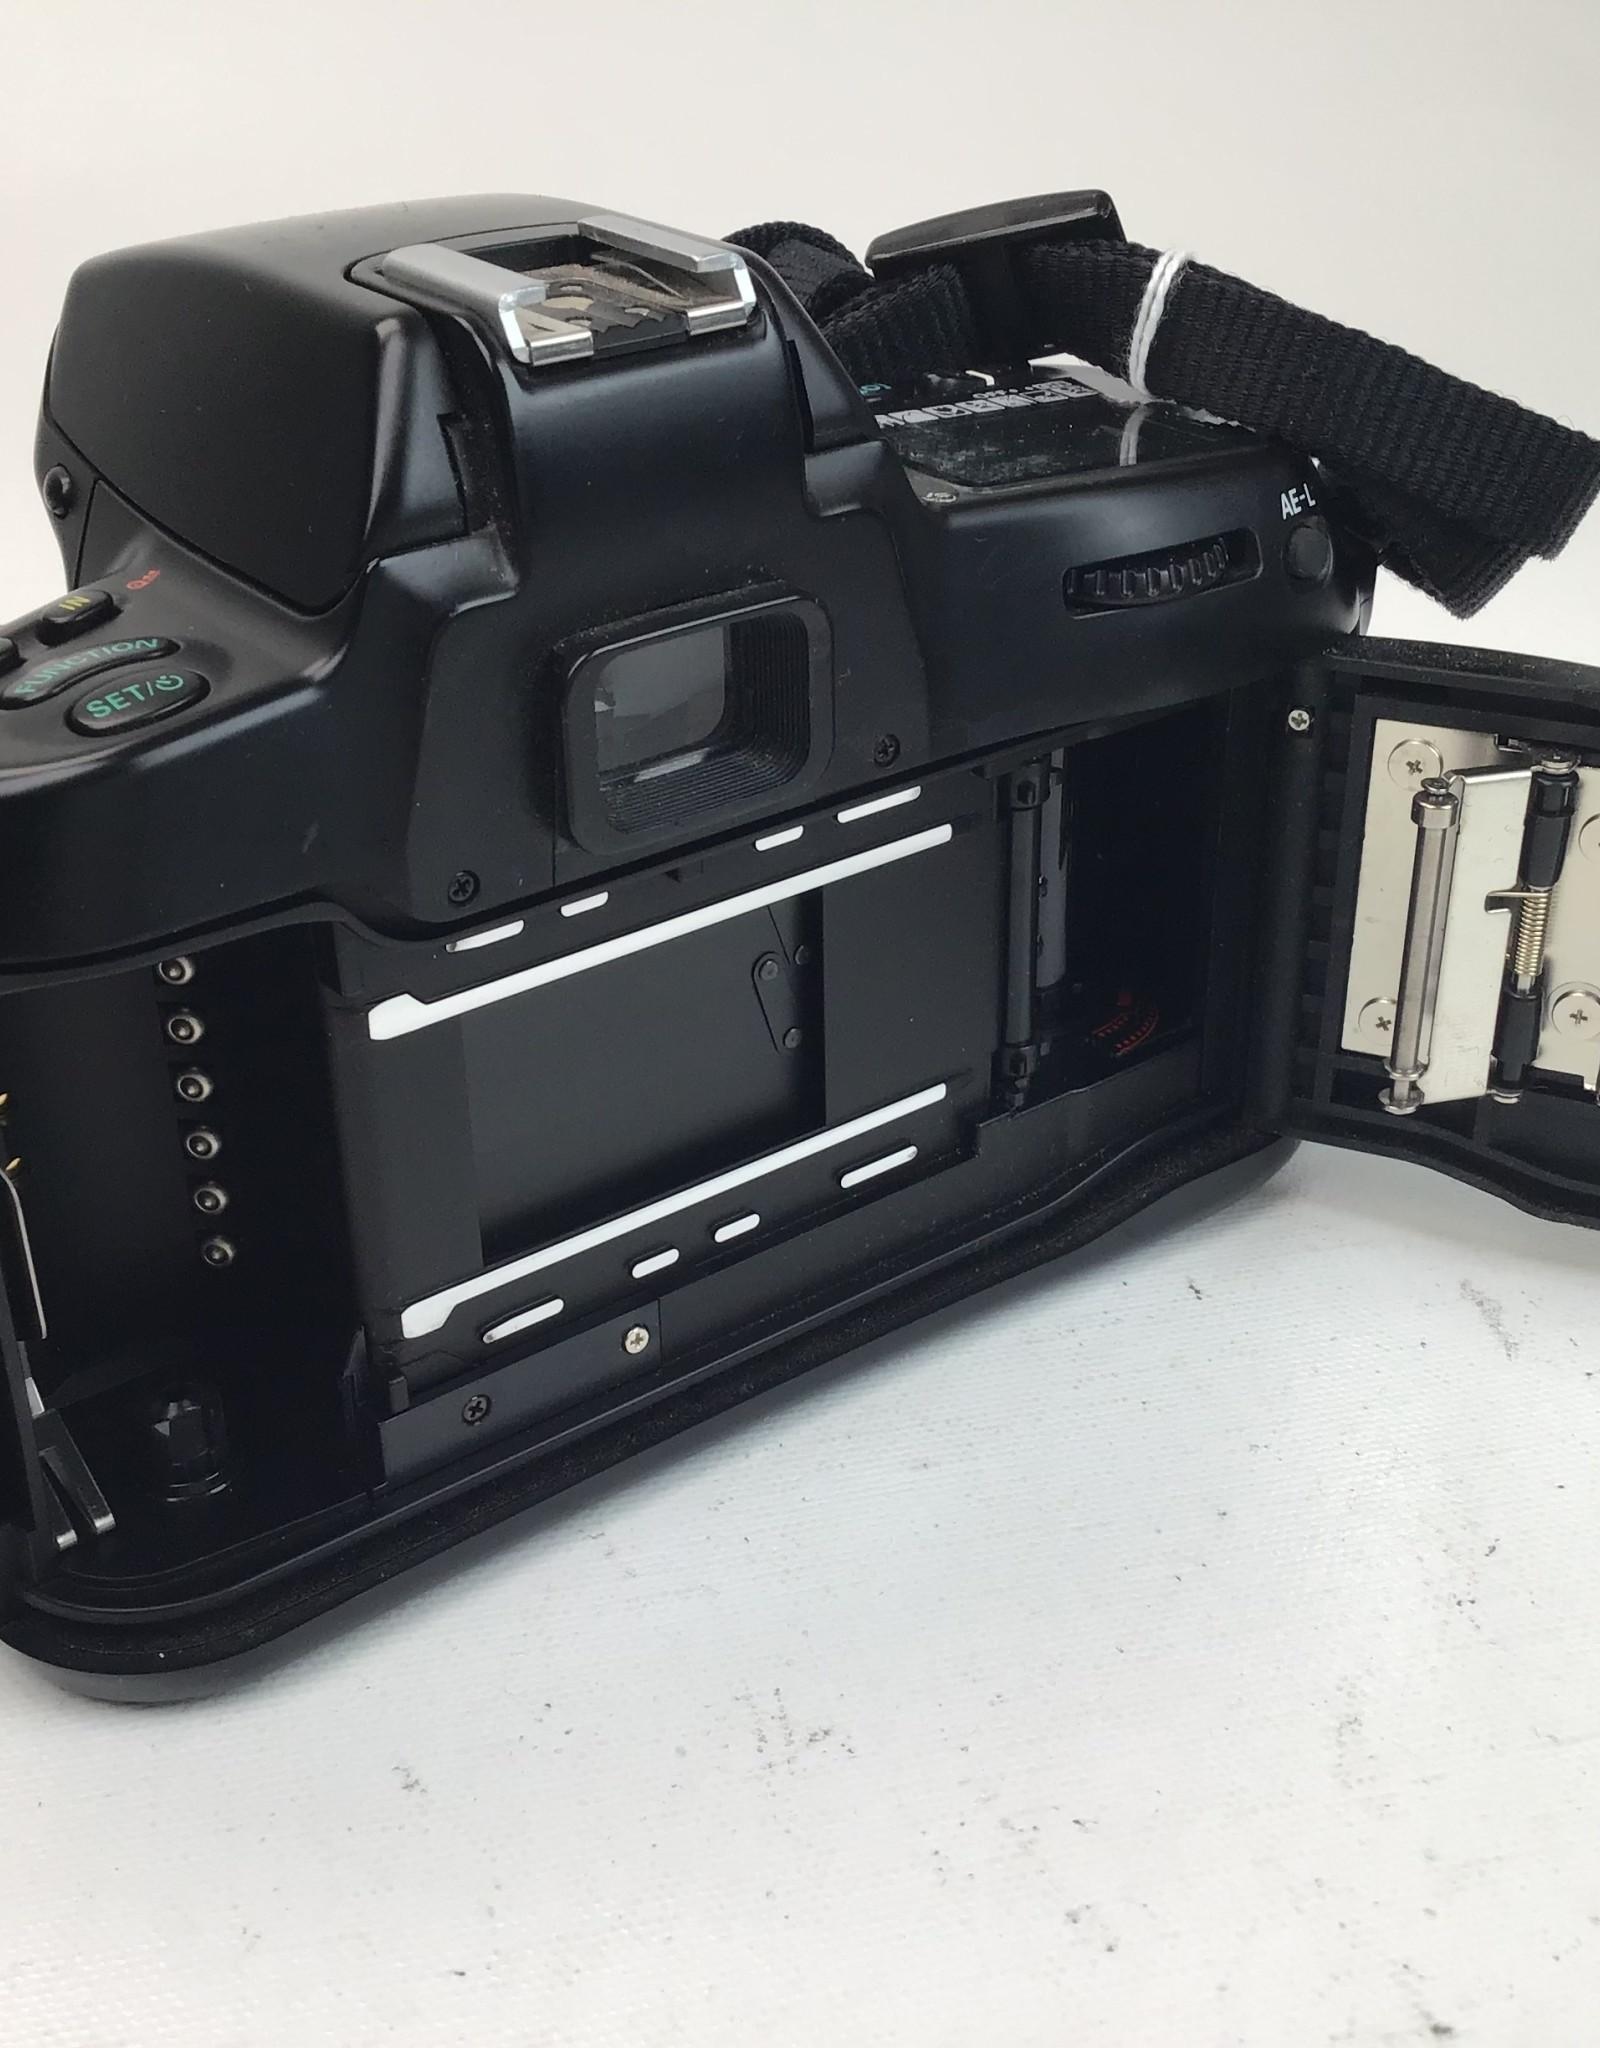 NIKON Nikon F70 35mm Film Camera Body Used BGN